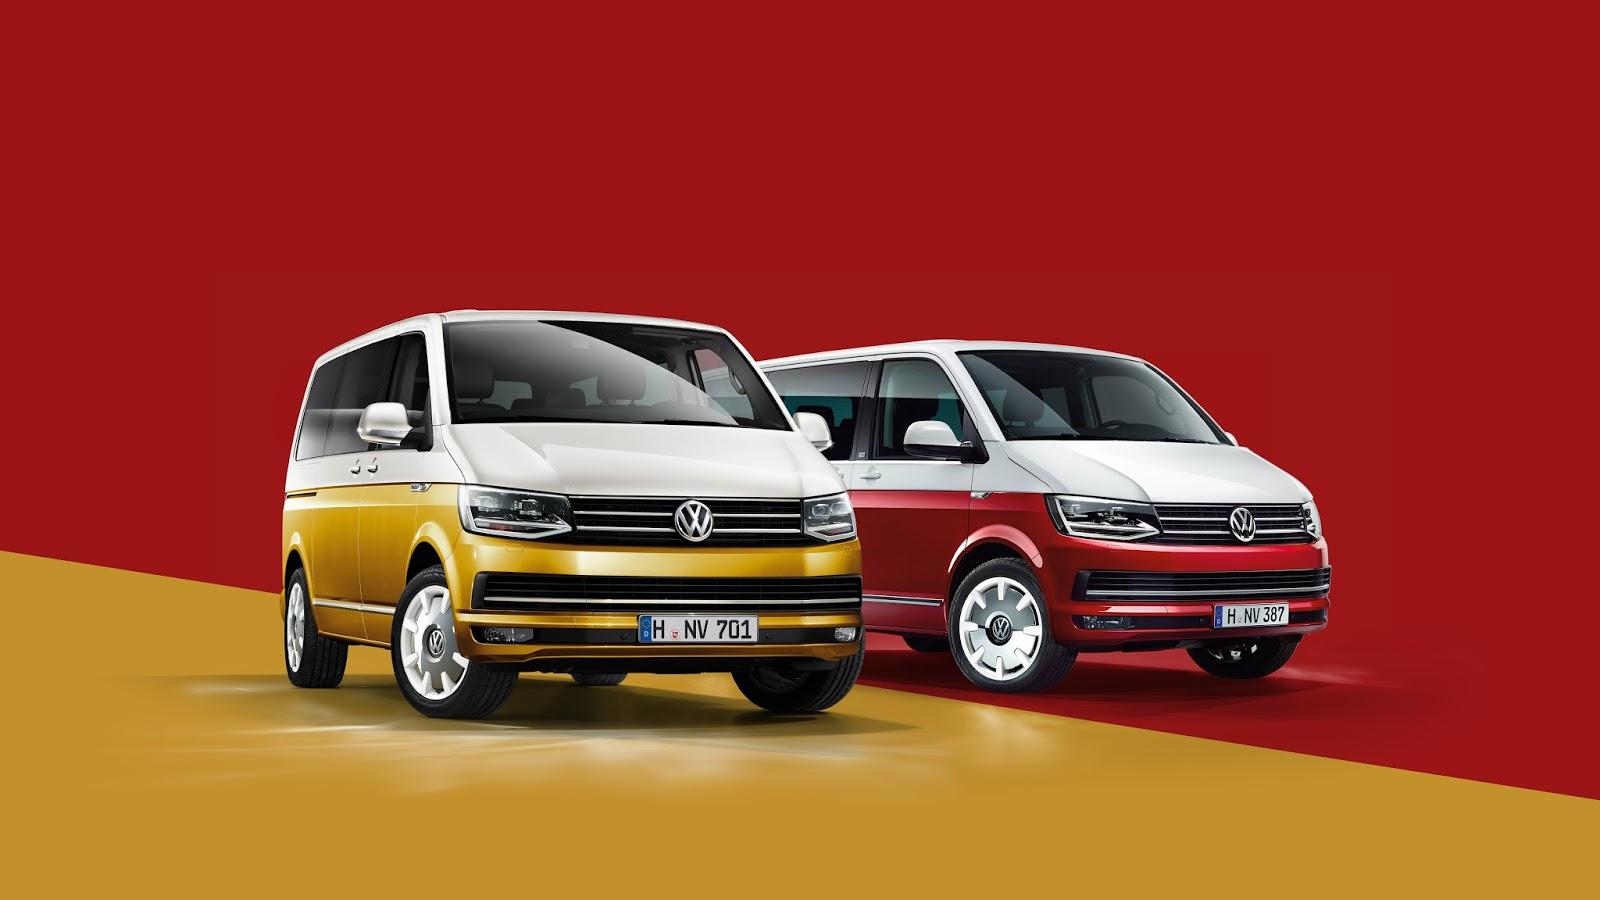 70 Jahre VW Bulli | Multivan Generation Six - Atomlabor Blog Nutzfahrzeug Tipp von Volkswagen